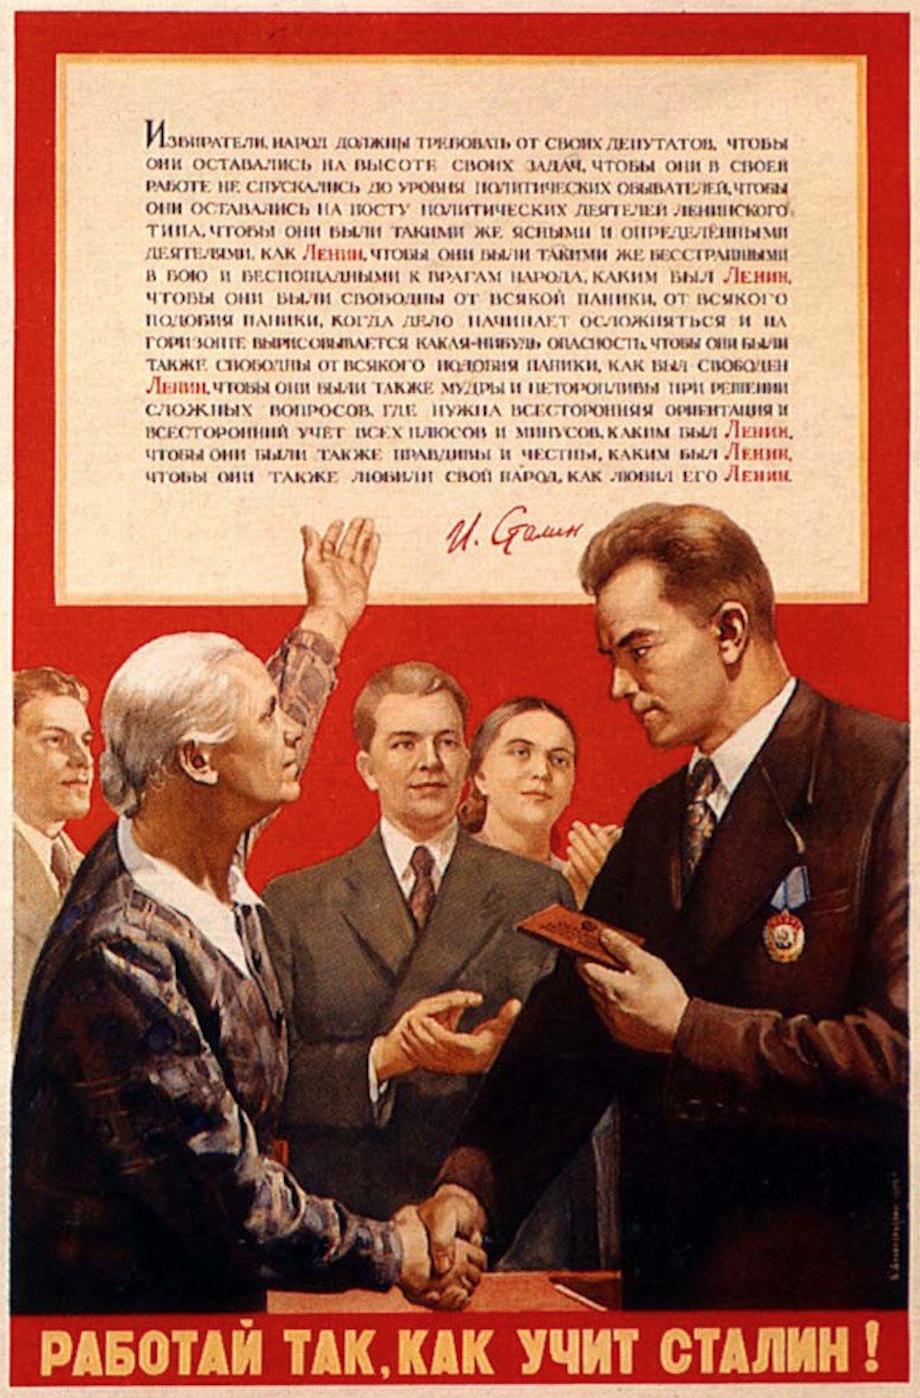 депутат! трудись так как учит Сталин